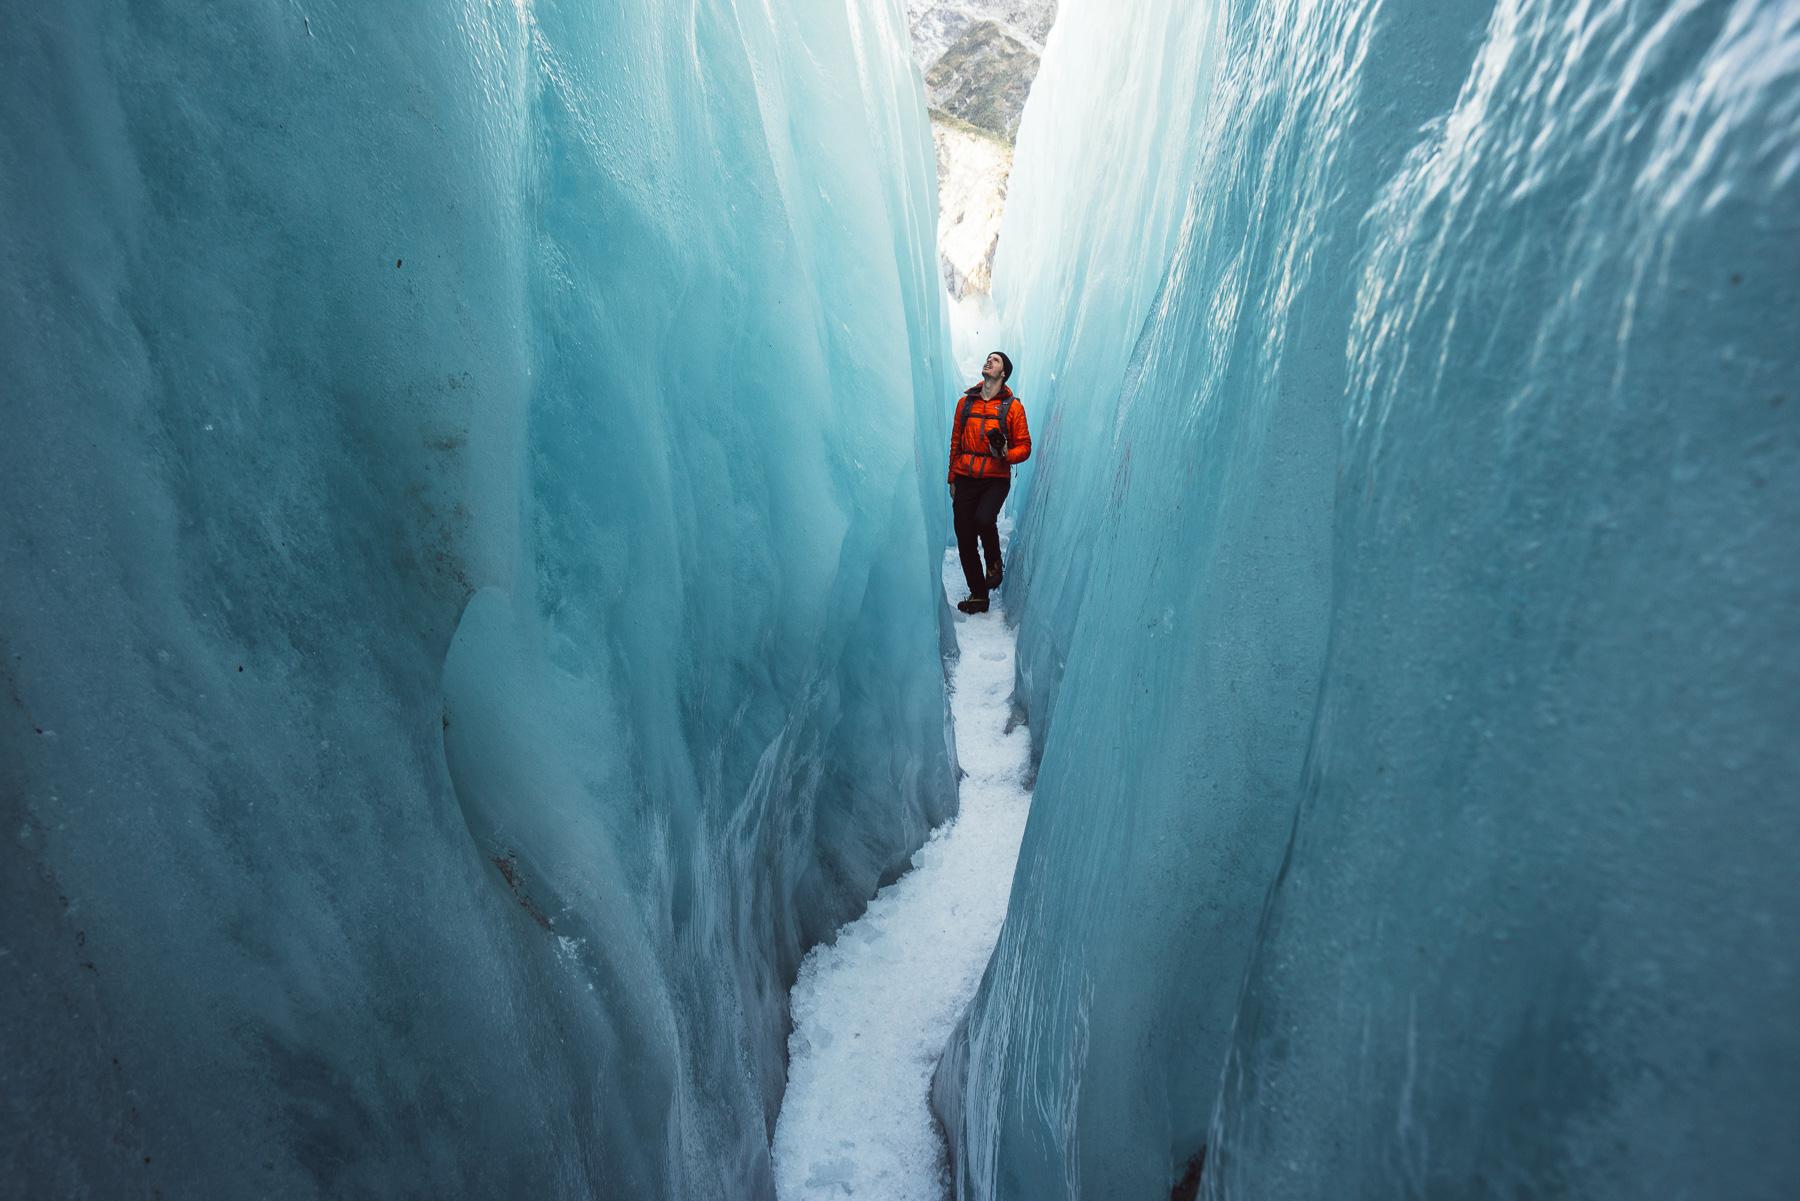 El-fotógrafo-Johan-Lolos-exploró-Nueva-Zelanda-durante-1-año-16